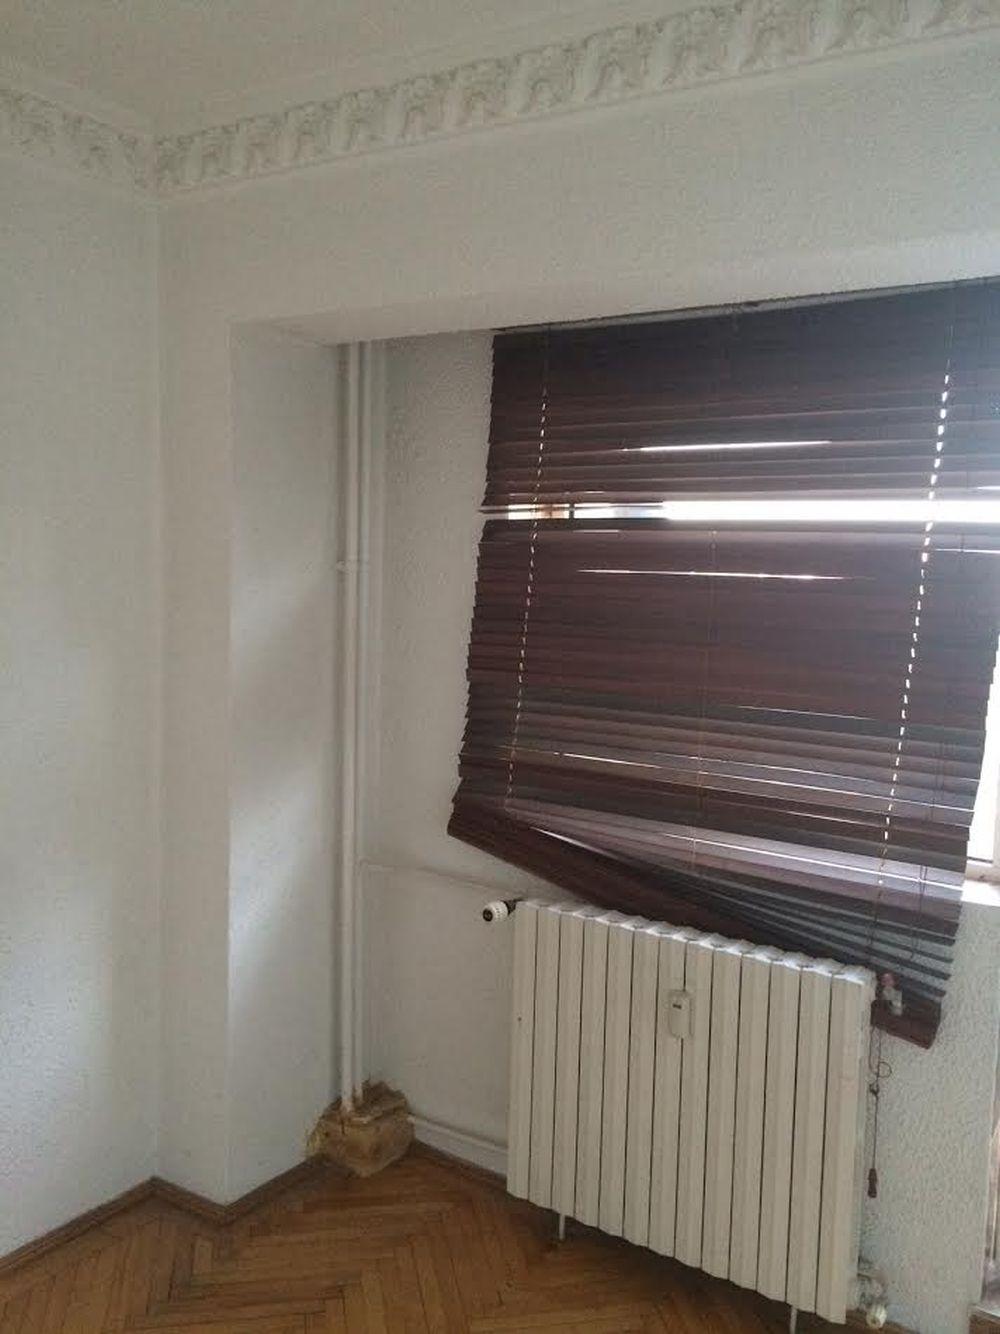 adelaparvu-com-despre-apartament-3-camere-bucuresti-reamenajat-poze-inainte-4